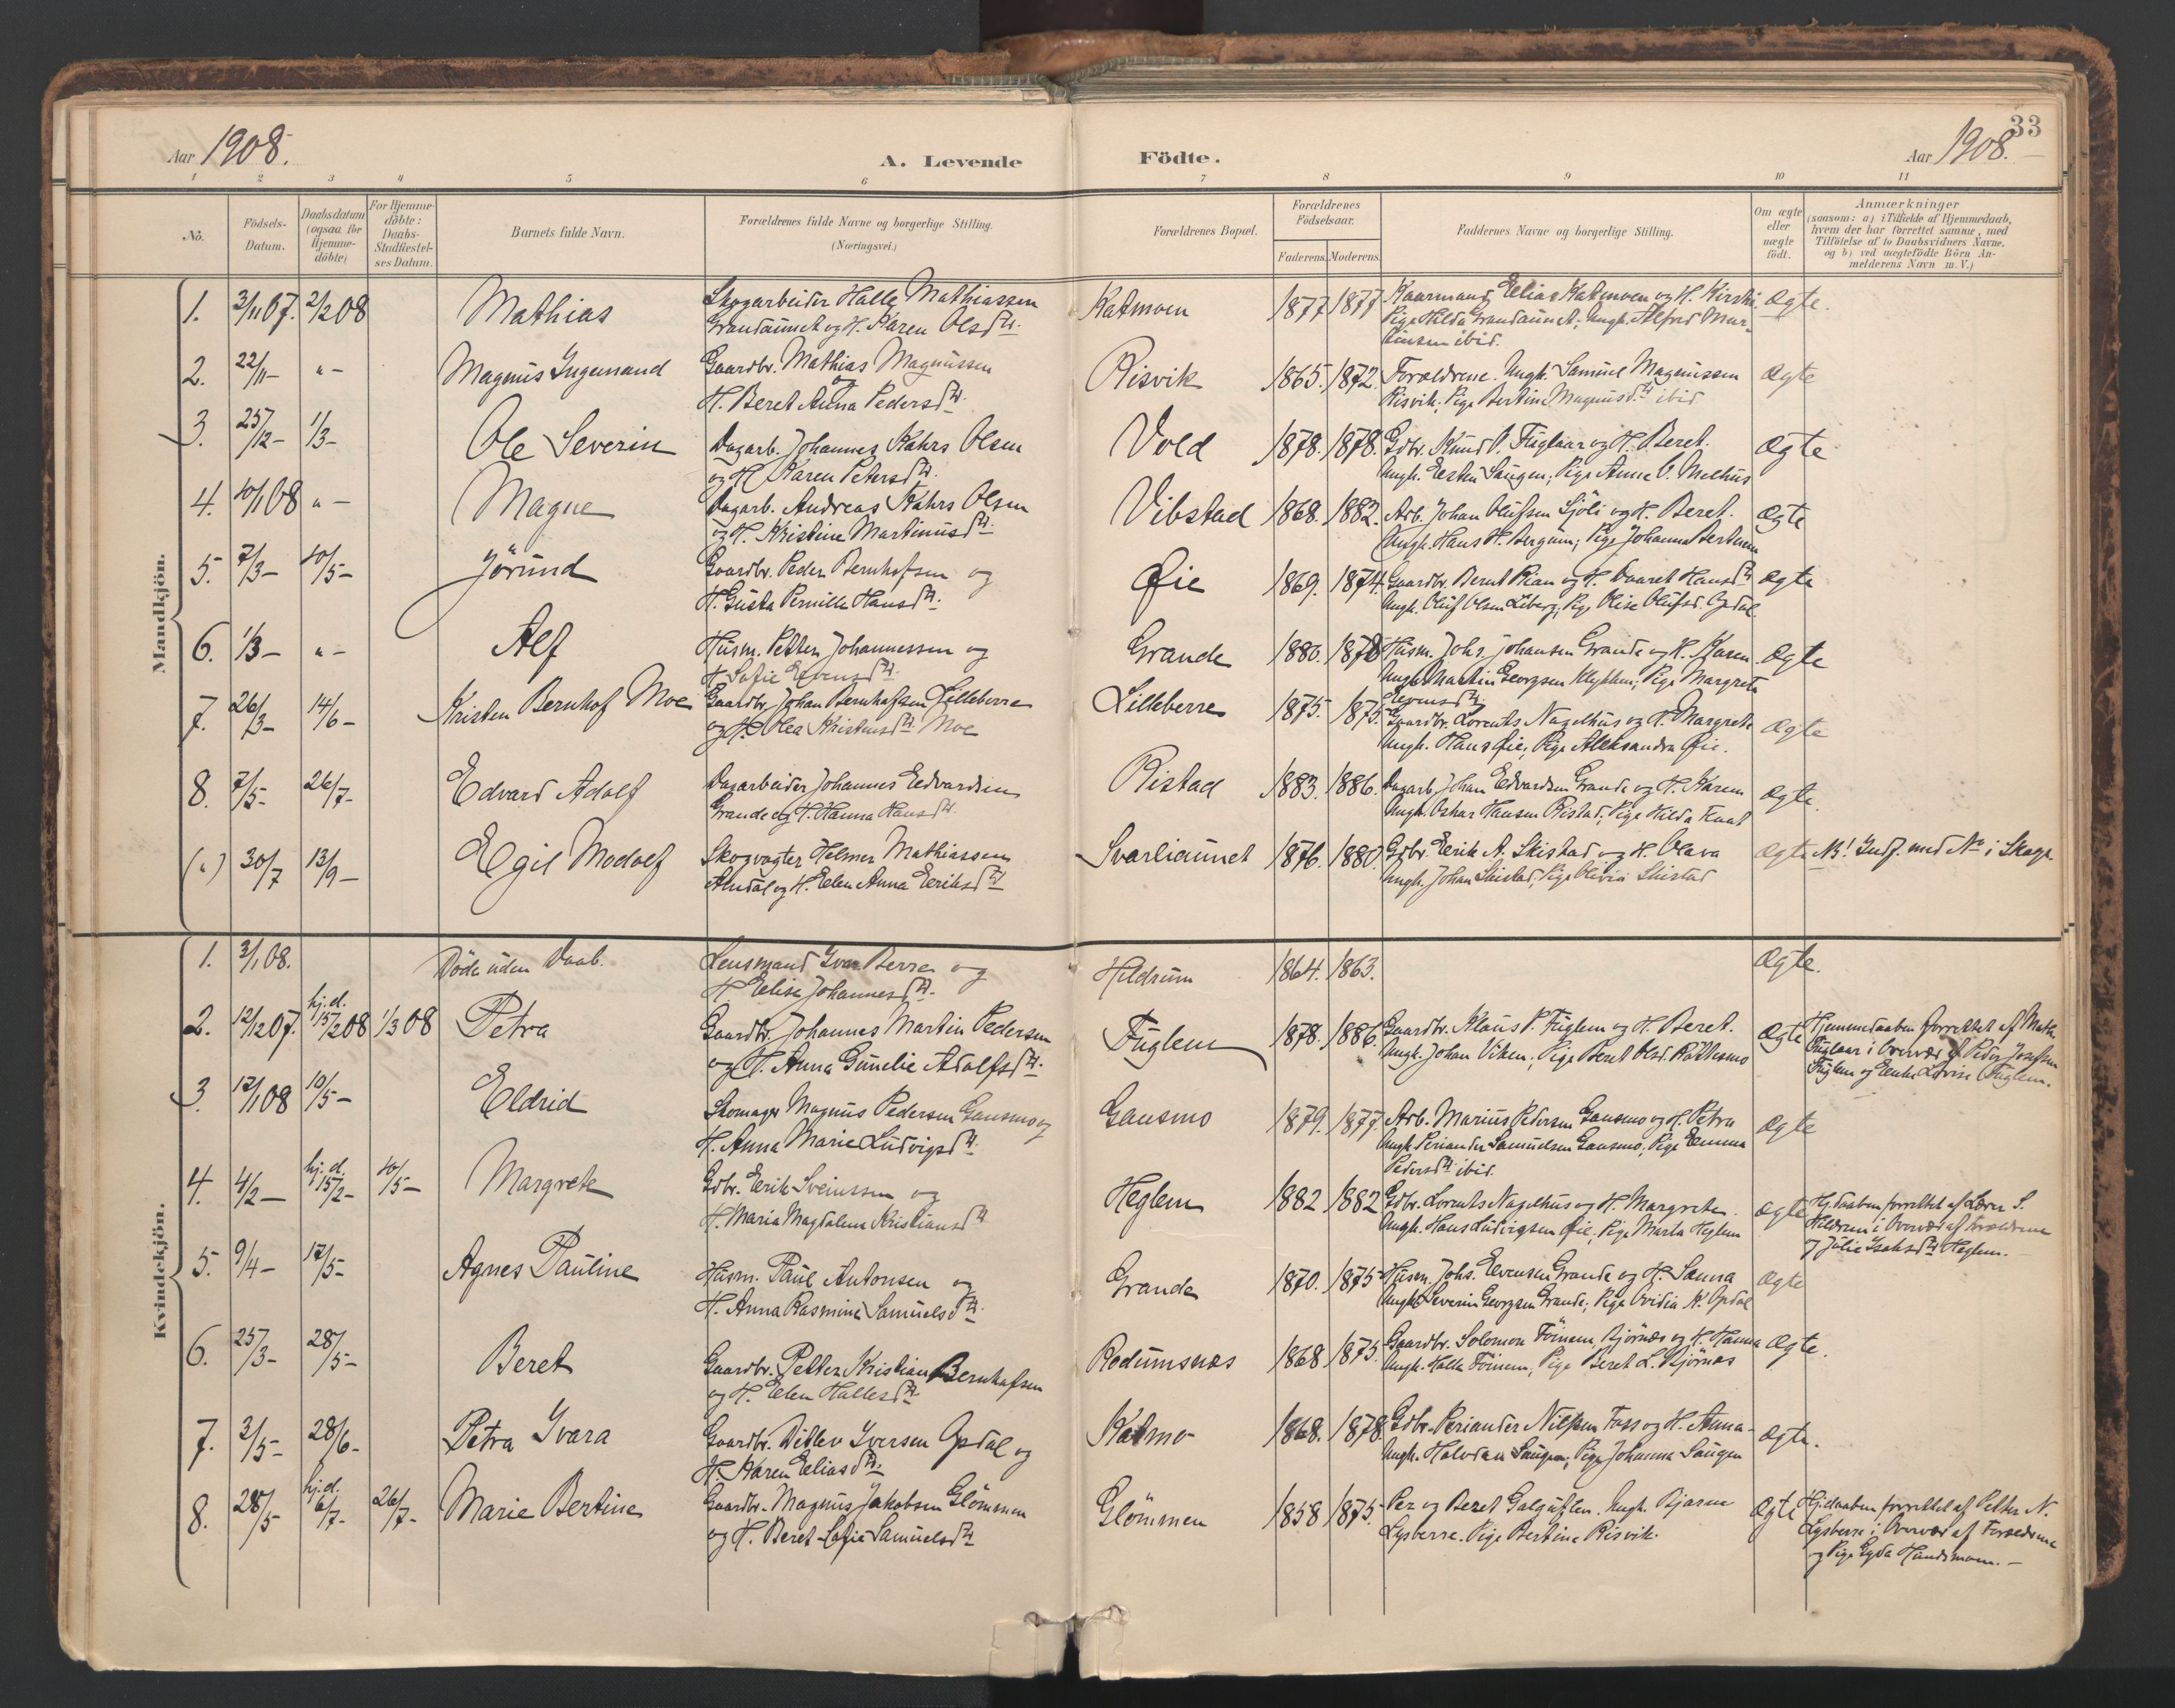 SAT, Ministerialprotokoller, klokkerbøker og fødselsregistre - Nord-Trøndelag, 764/L0556: Ministerialbok nr. 764A11, 1897-1924, s. 33